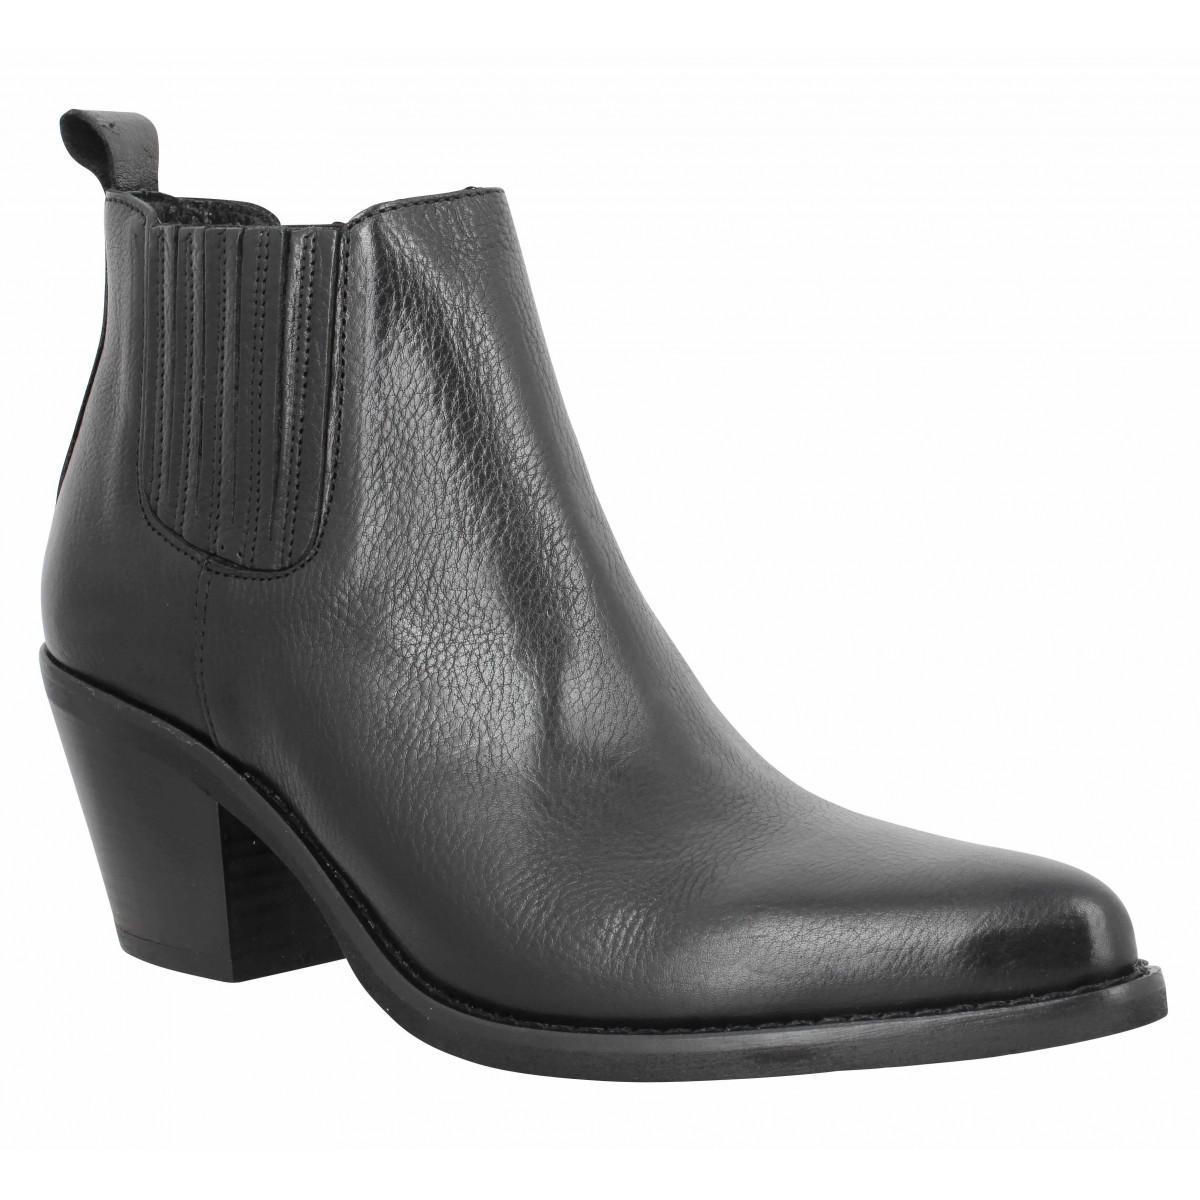 Bottines SEMERDJIAN ER506 cuir Femme Noir